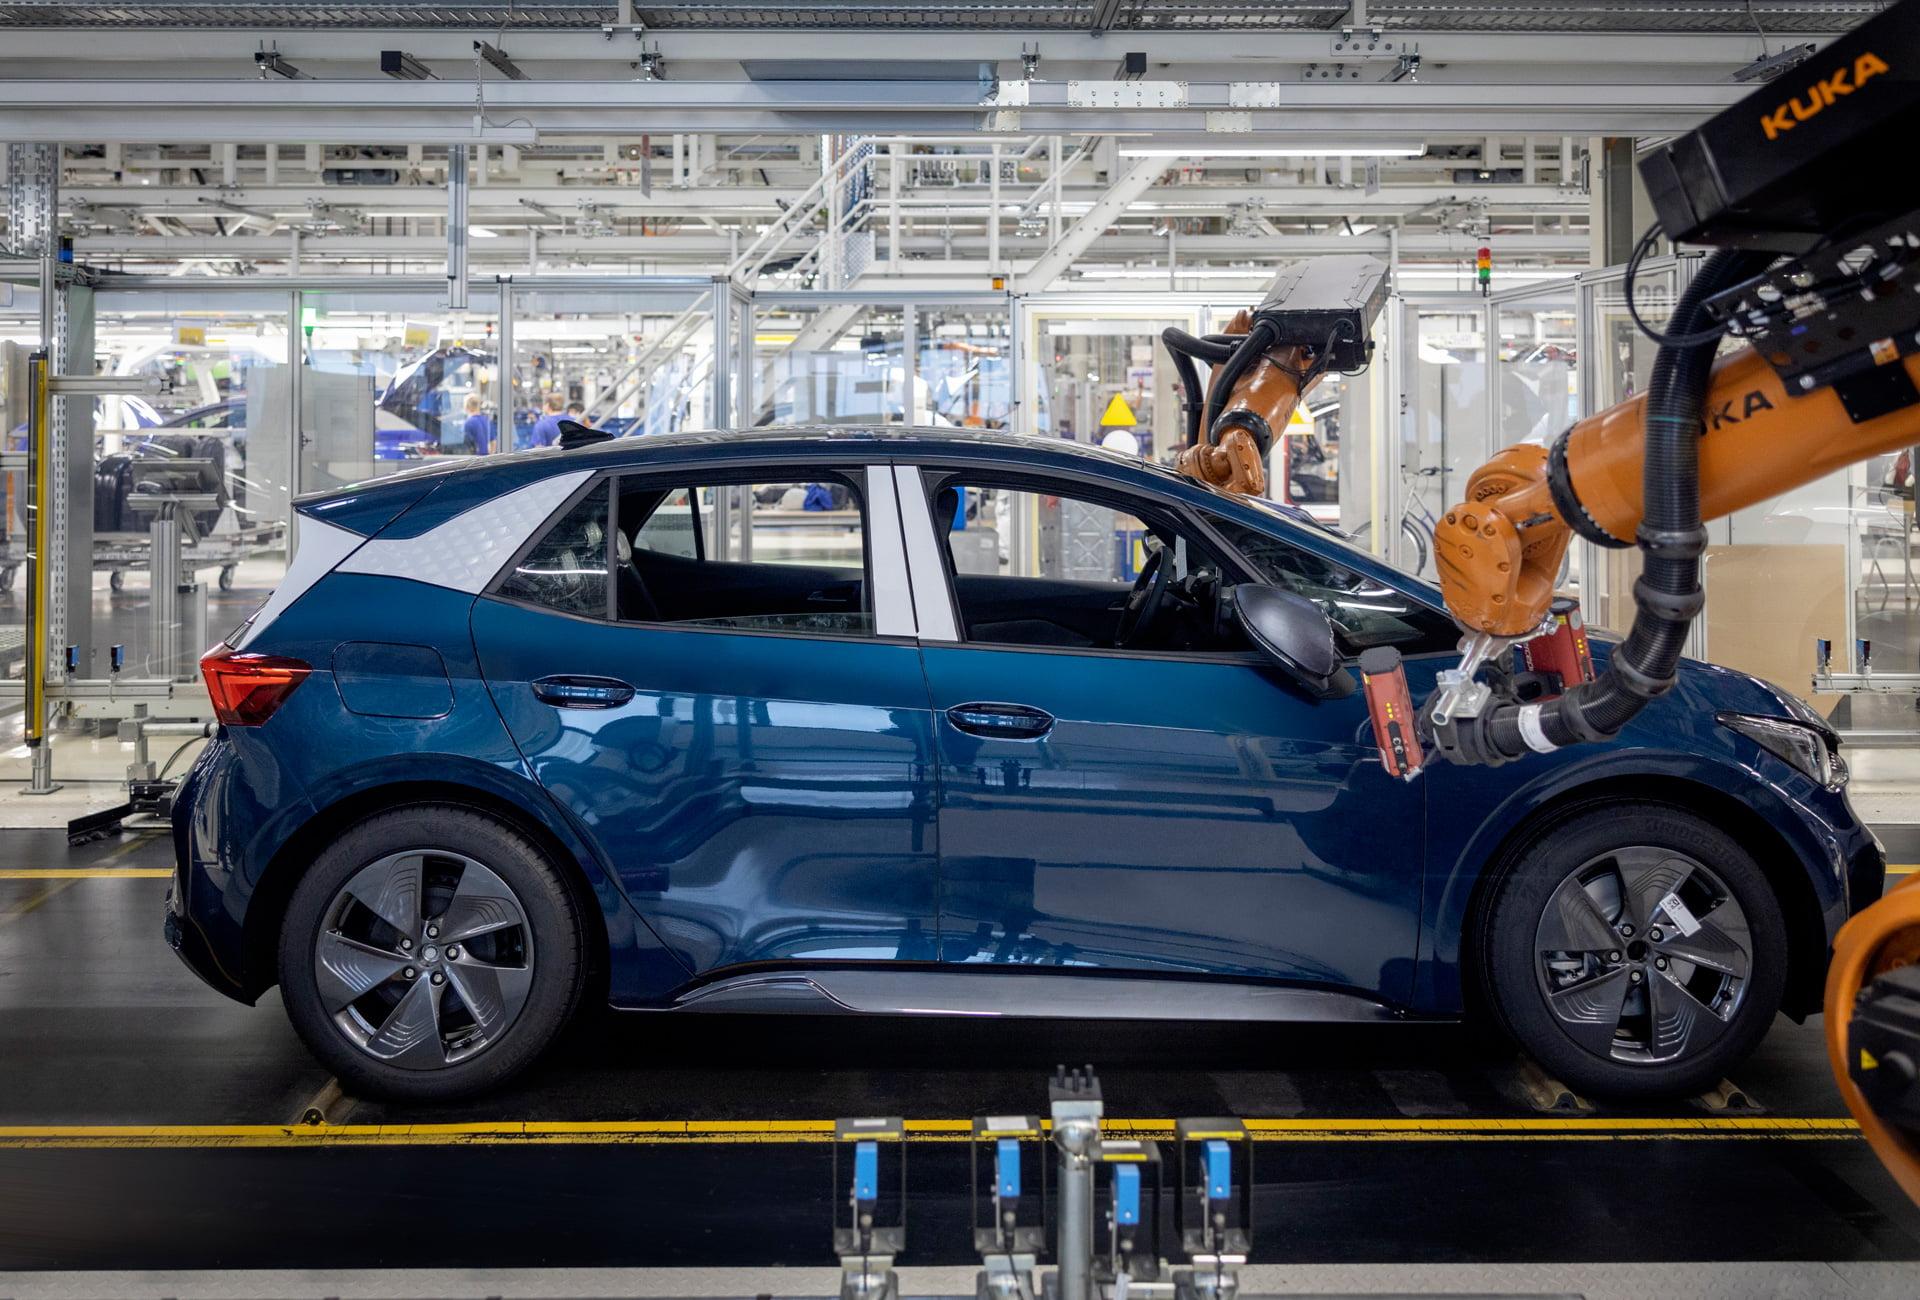 CUPRA comienza la producción en serie de su primer coche 100% eléctrico, el CUPRA Born, en la planta de Zwickau